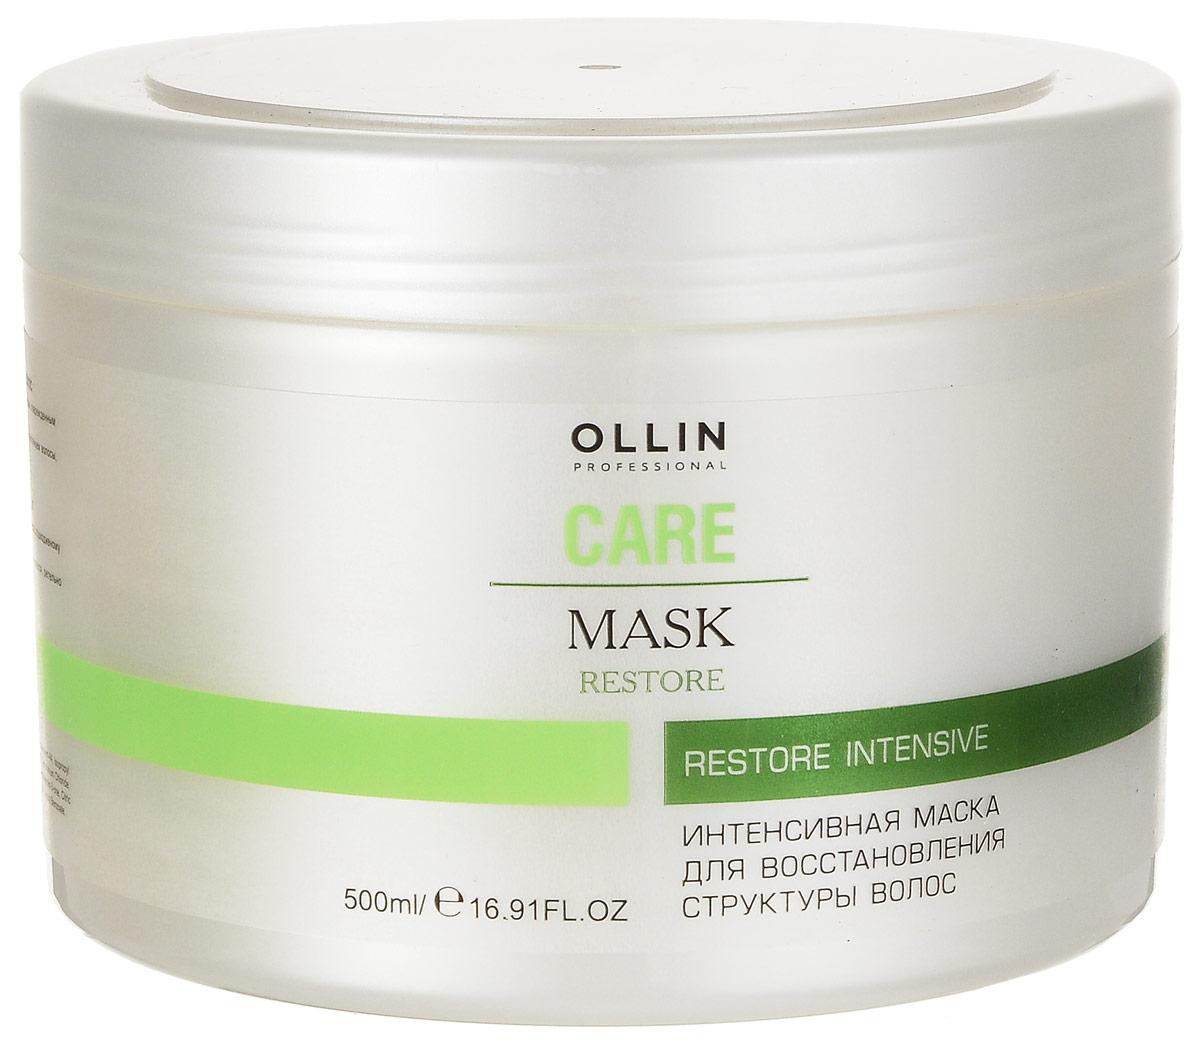 Ollin Интенсивная маска для восстановления структуры волос Care Restore Intensive Mask 500 мл721388/4620753727083Интенсивная маска для восстановления структуры волос Ollin Care Restore Intensive Mask. Потрясающая по эффекту, восстанавливающая маска Ollin для сухих, осветлённых, обесцвеченных, химически завитых и уставших волос, утративших жизненную силу. Питает волосы кератиновым протеином. Возвращает блеск и здоровый вид тусклым волосам, повреждённым химическими процедурами. Действие маски Ollin restore intensive mask основано на силе активных компонентов и растительных экстрактов: Витаминный комплекс из 11 экстрактов растений обеспечивает максимальный уход, восстанавливает волосы изнутри и одновременно защищает от агрессивного воздействия окружающей среды. Масло миндаля увлажняет, питает, смягчает, кондиционирует и разглаживает поверхность волоса. Результат: мягкие, блестящие и послушные волосы. Минеральные вещества заново выстраивают разрушенную структуру волоса.